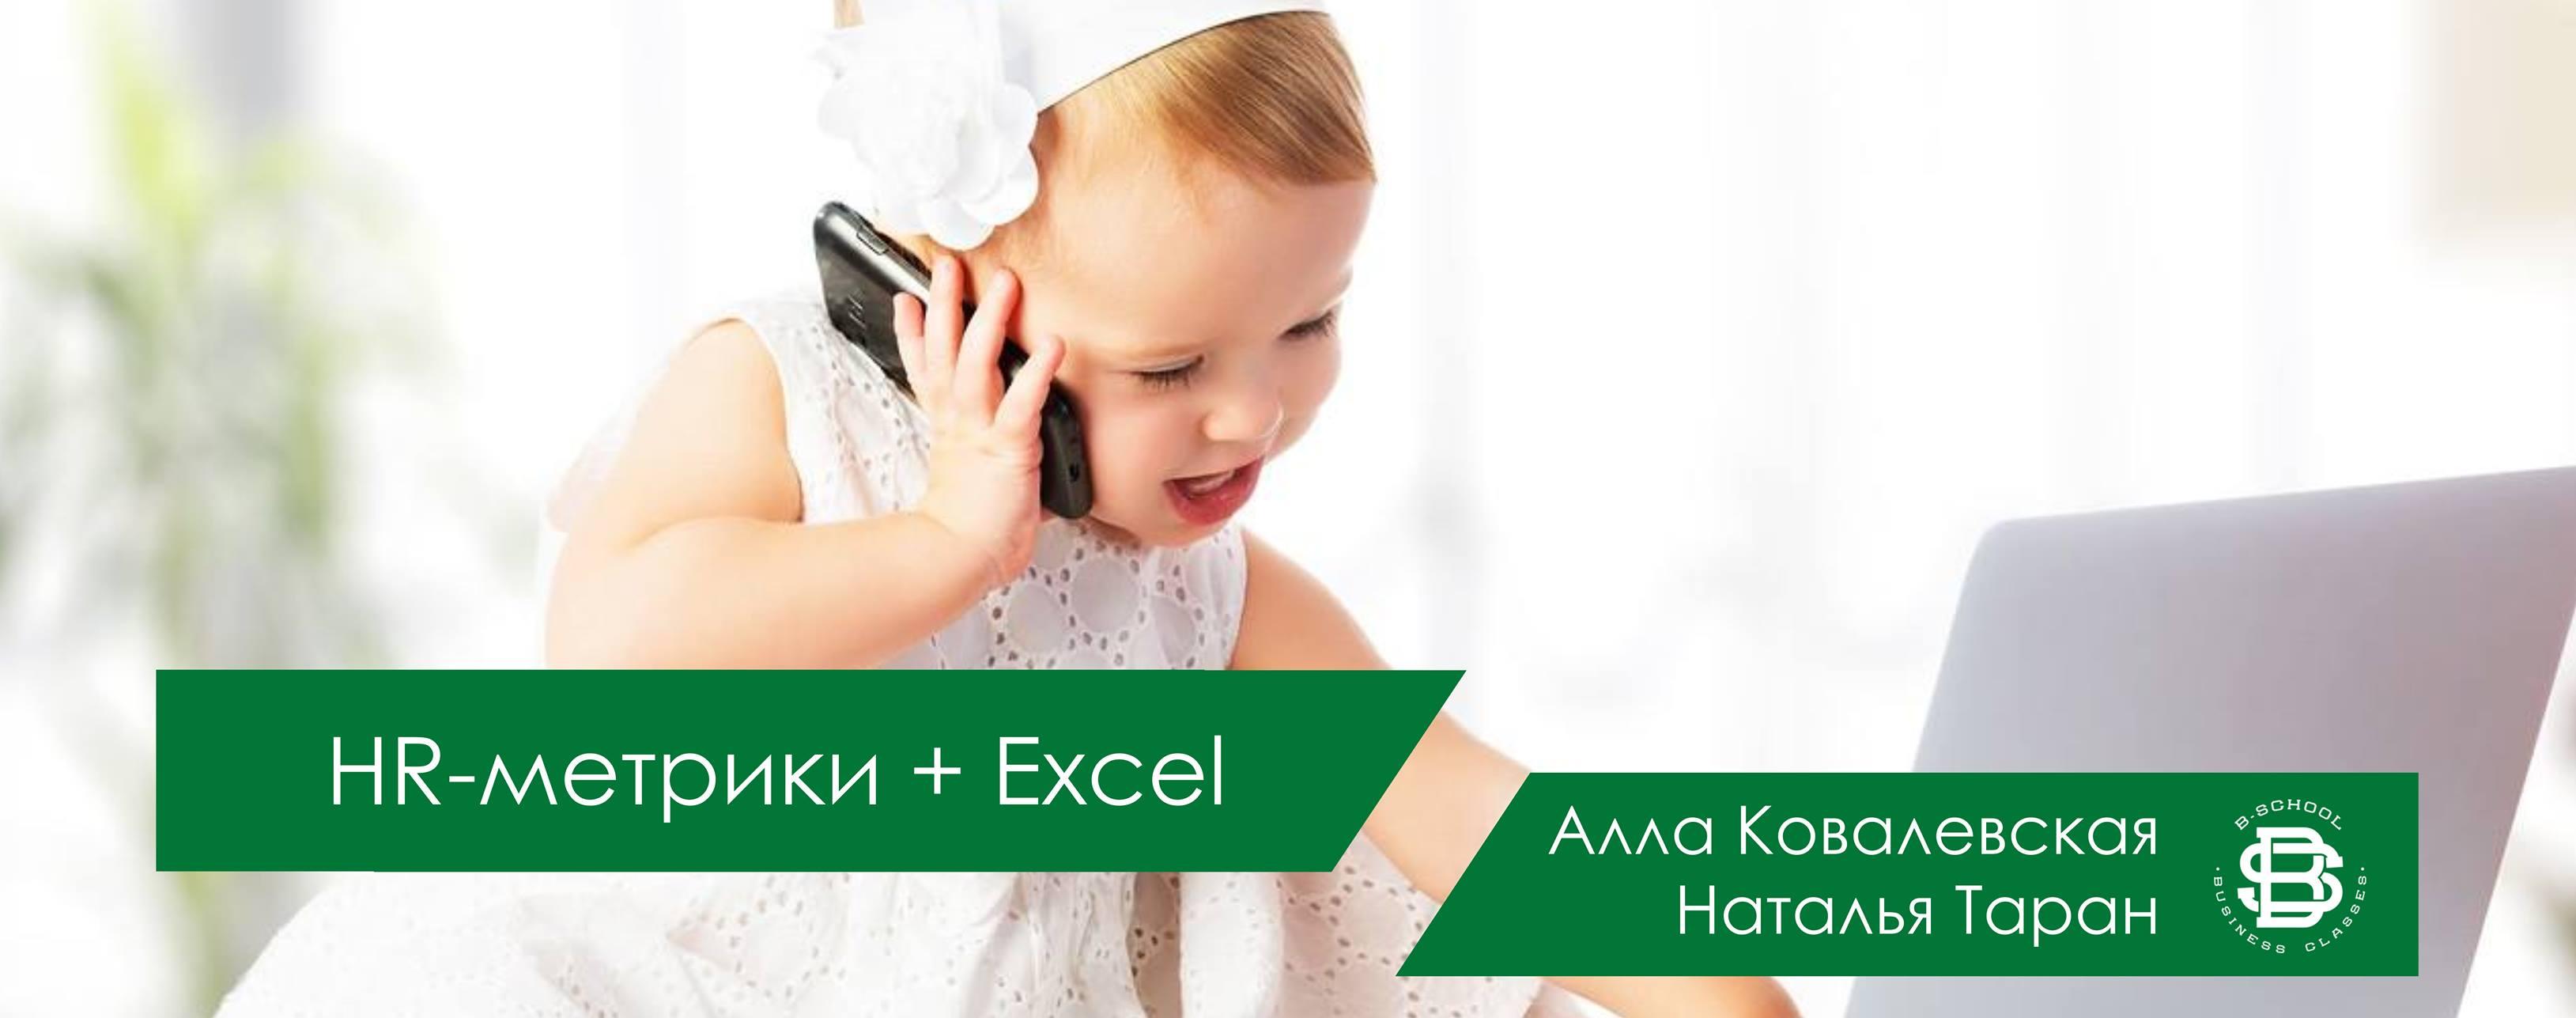 Интенсив «HR-метрики + Excel»